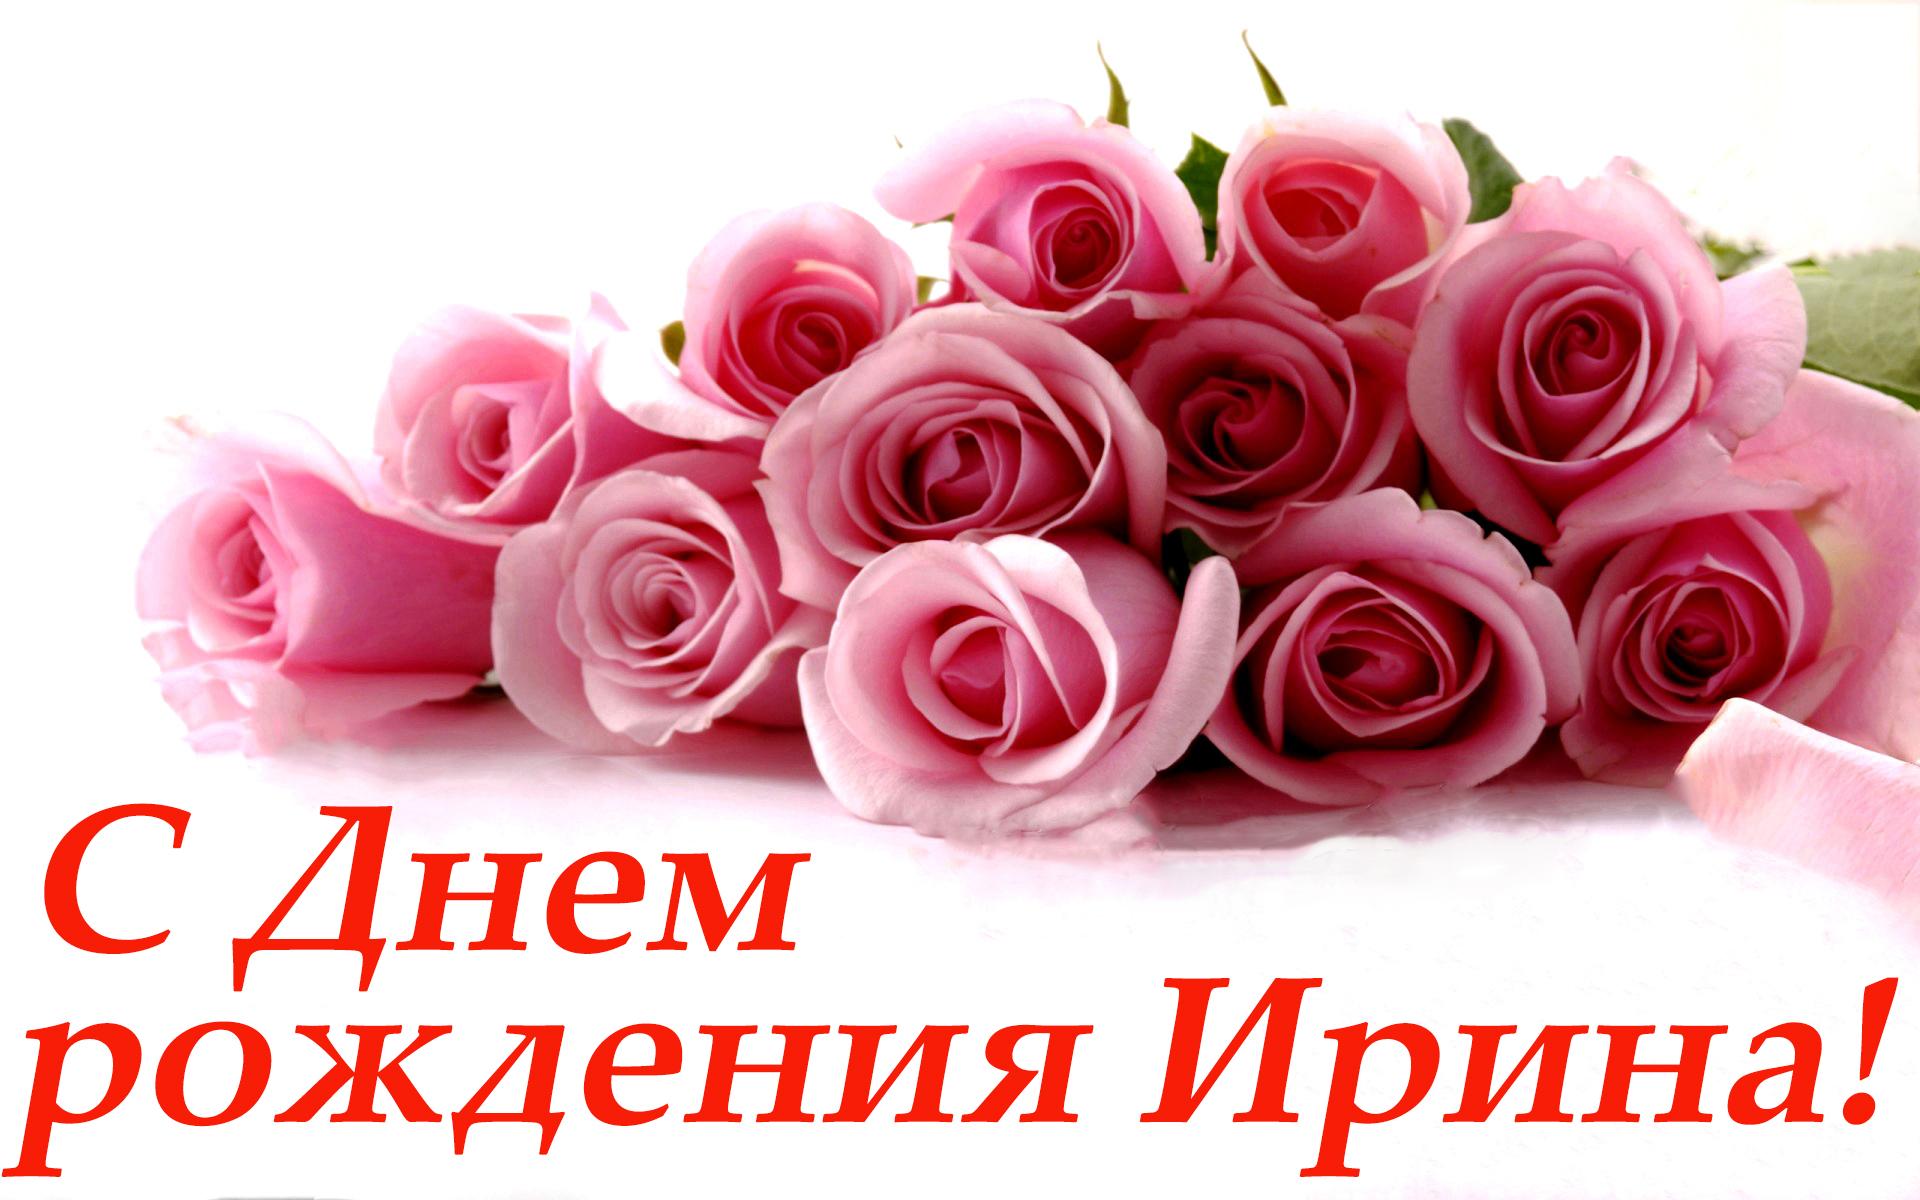 Поздравления для мужчины с Днем Рождения